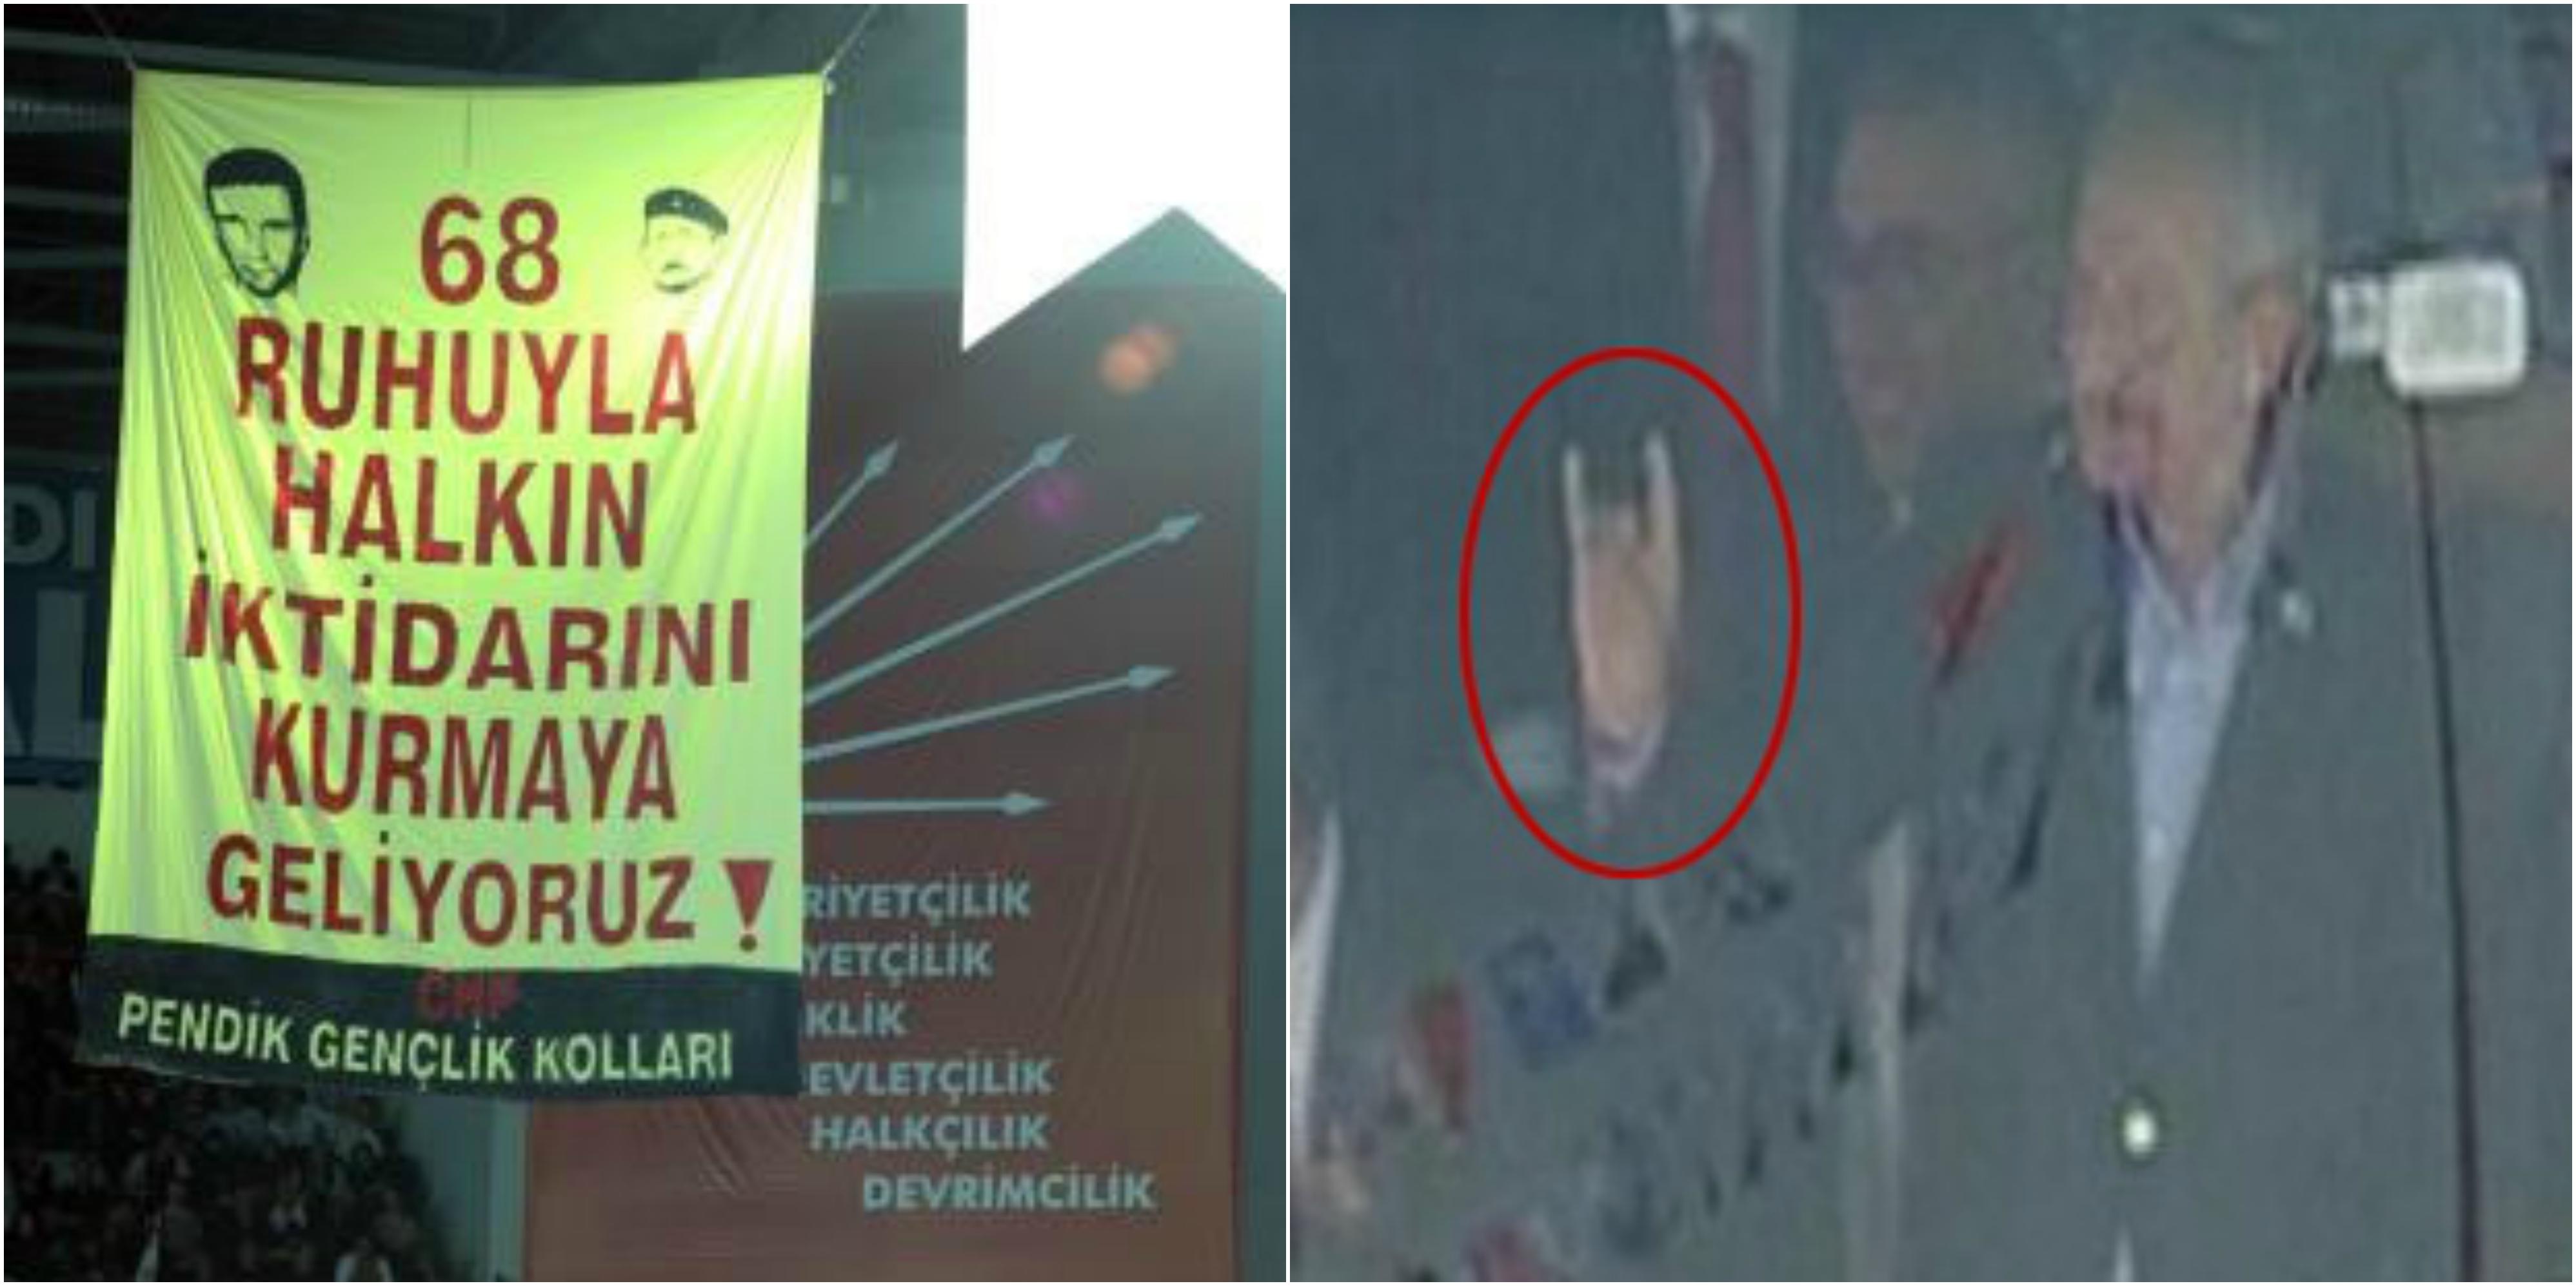 Kılıçdaroğlu kendisinden beklenti içine girenleri yanıtladı: Bir dönem çok hızlı devrimci olup da…